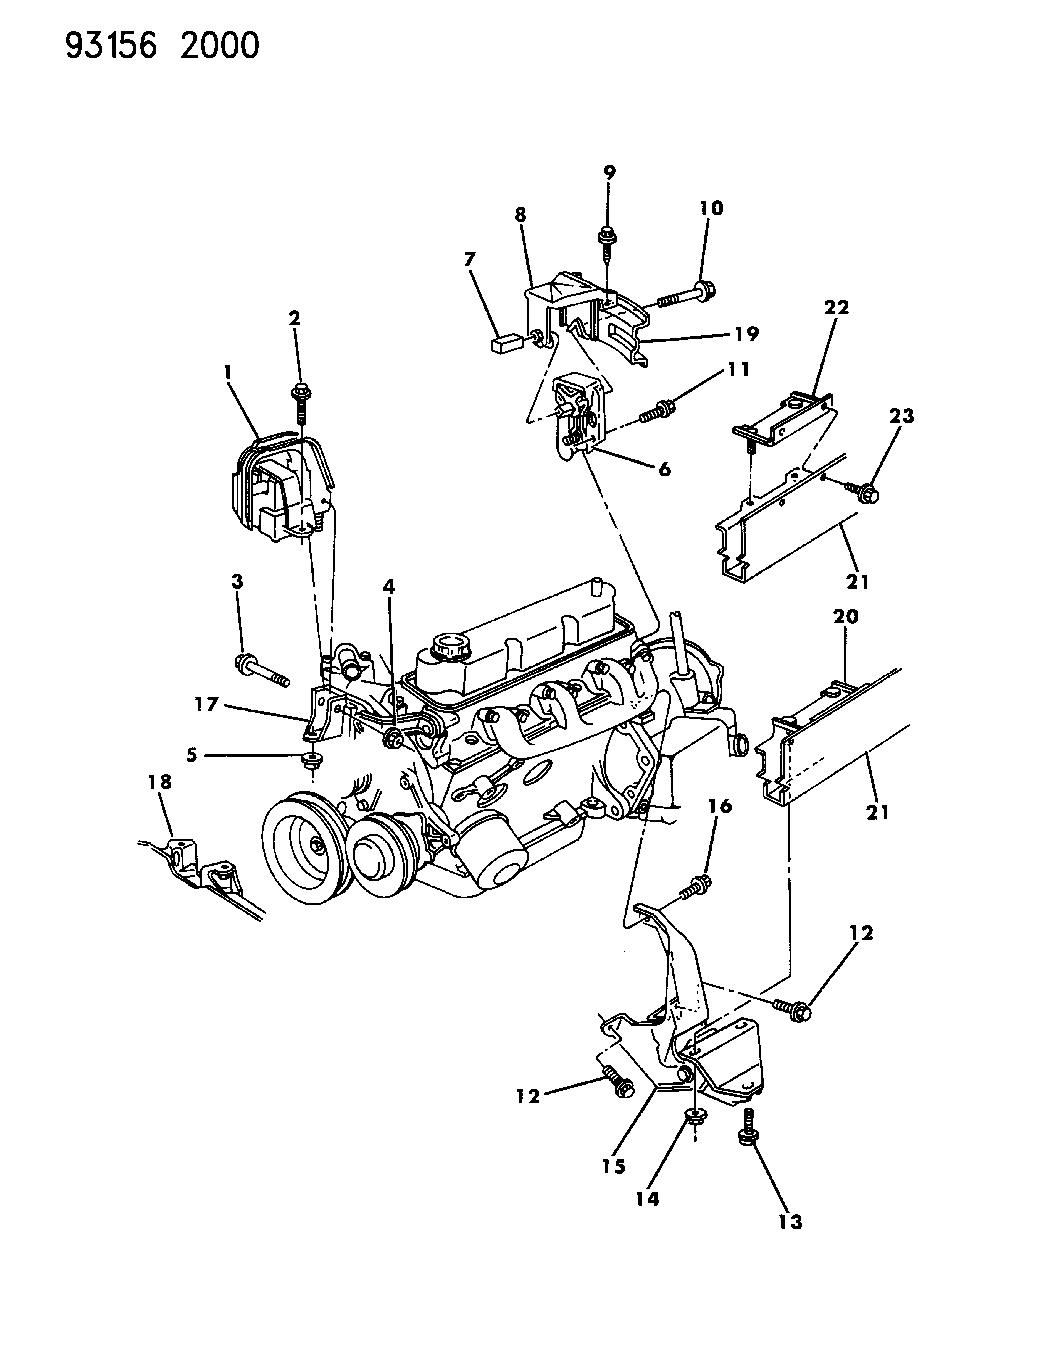 chrysler engine schematics 4612944 genuine mopar support engine mt front  4612944 genuine mopar support engine